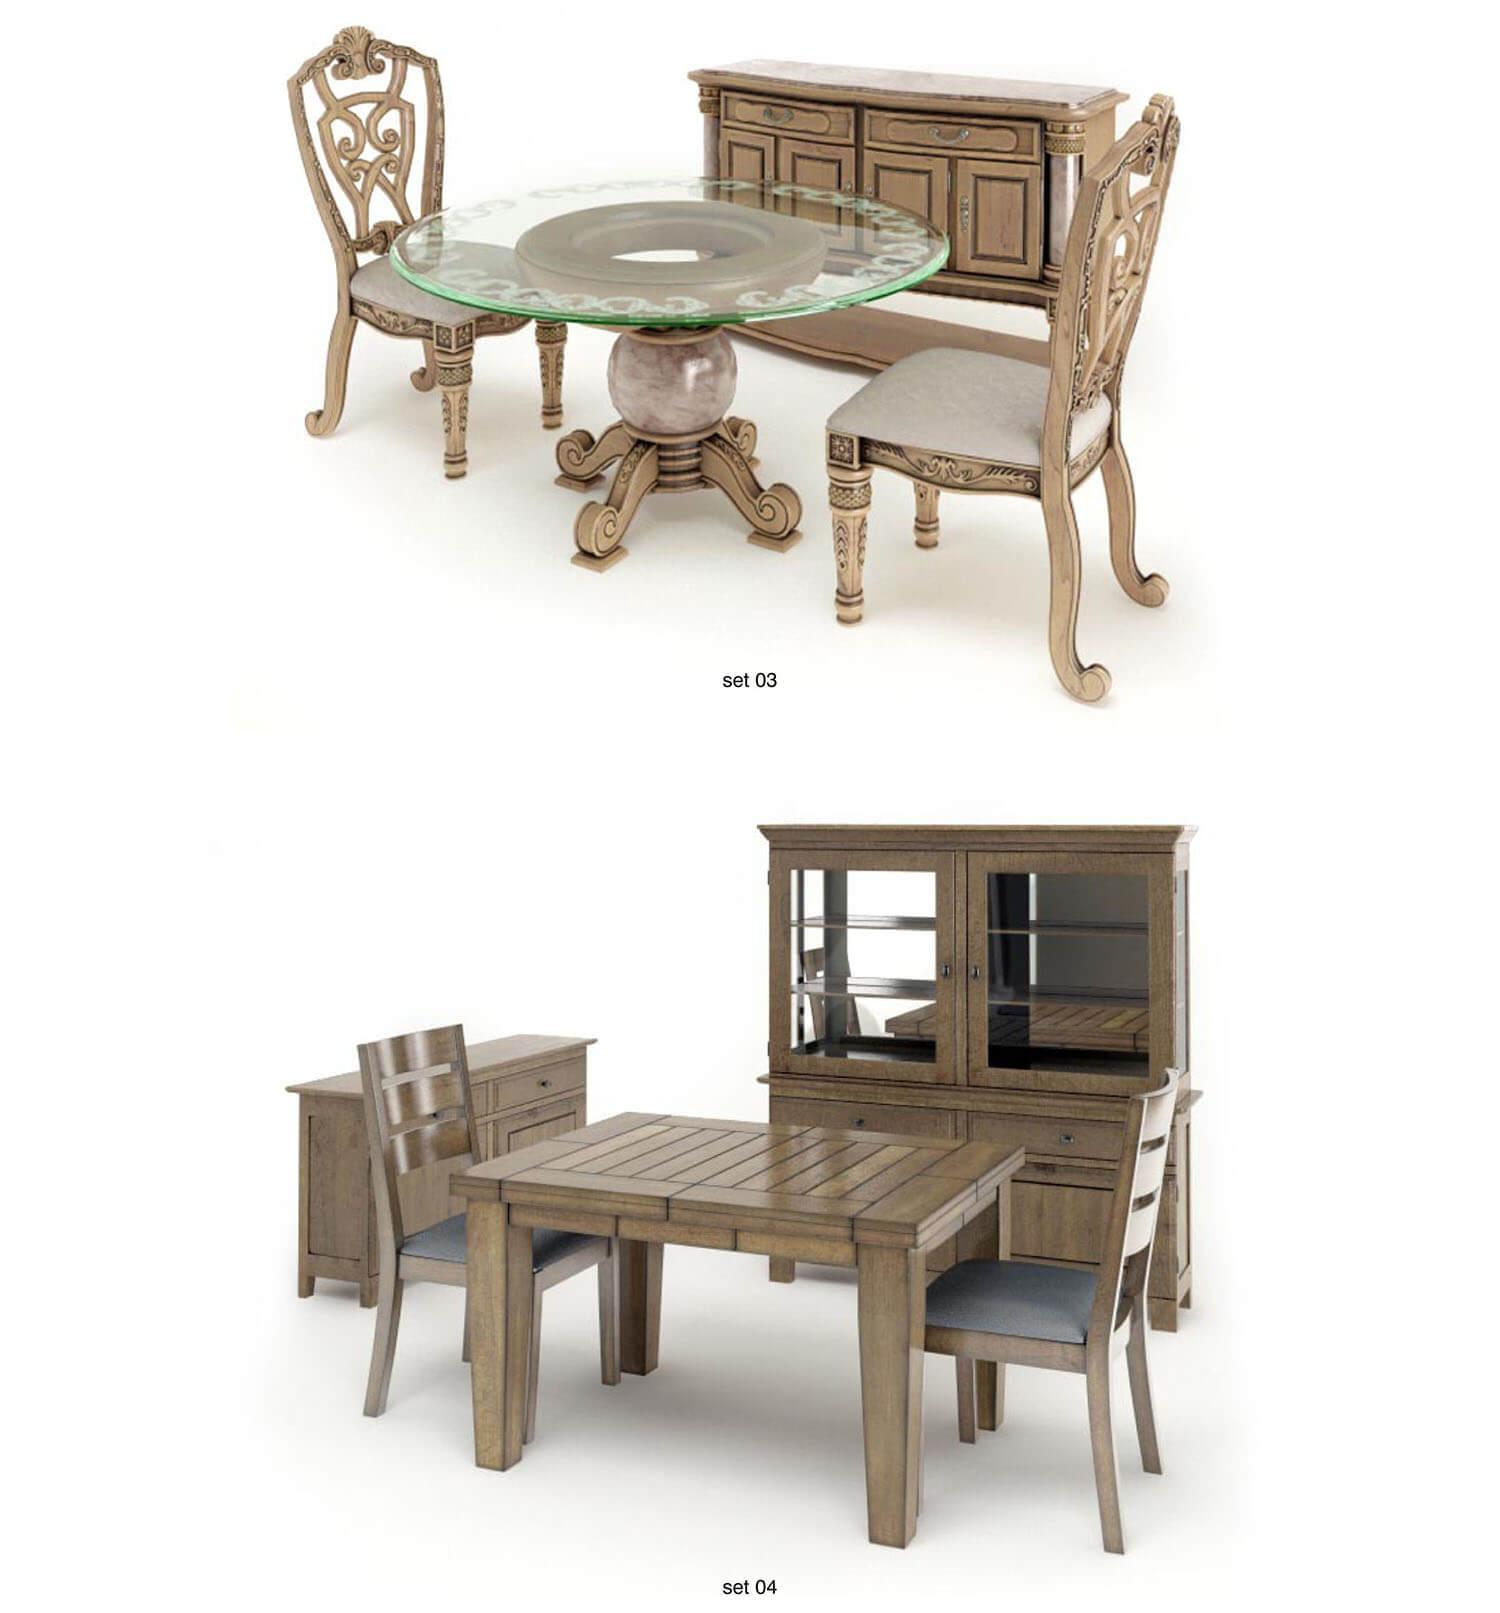 Các bộ bàn ăn, bàn uống nước nhỏ với tủ chè đồng bộ